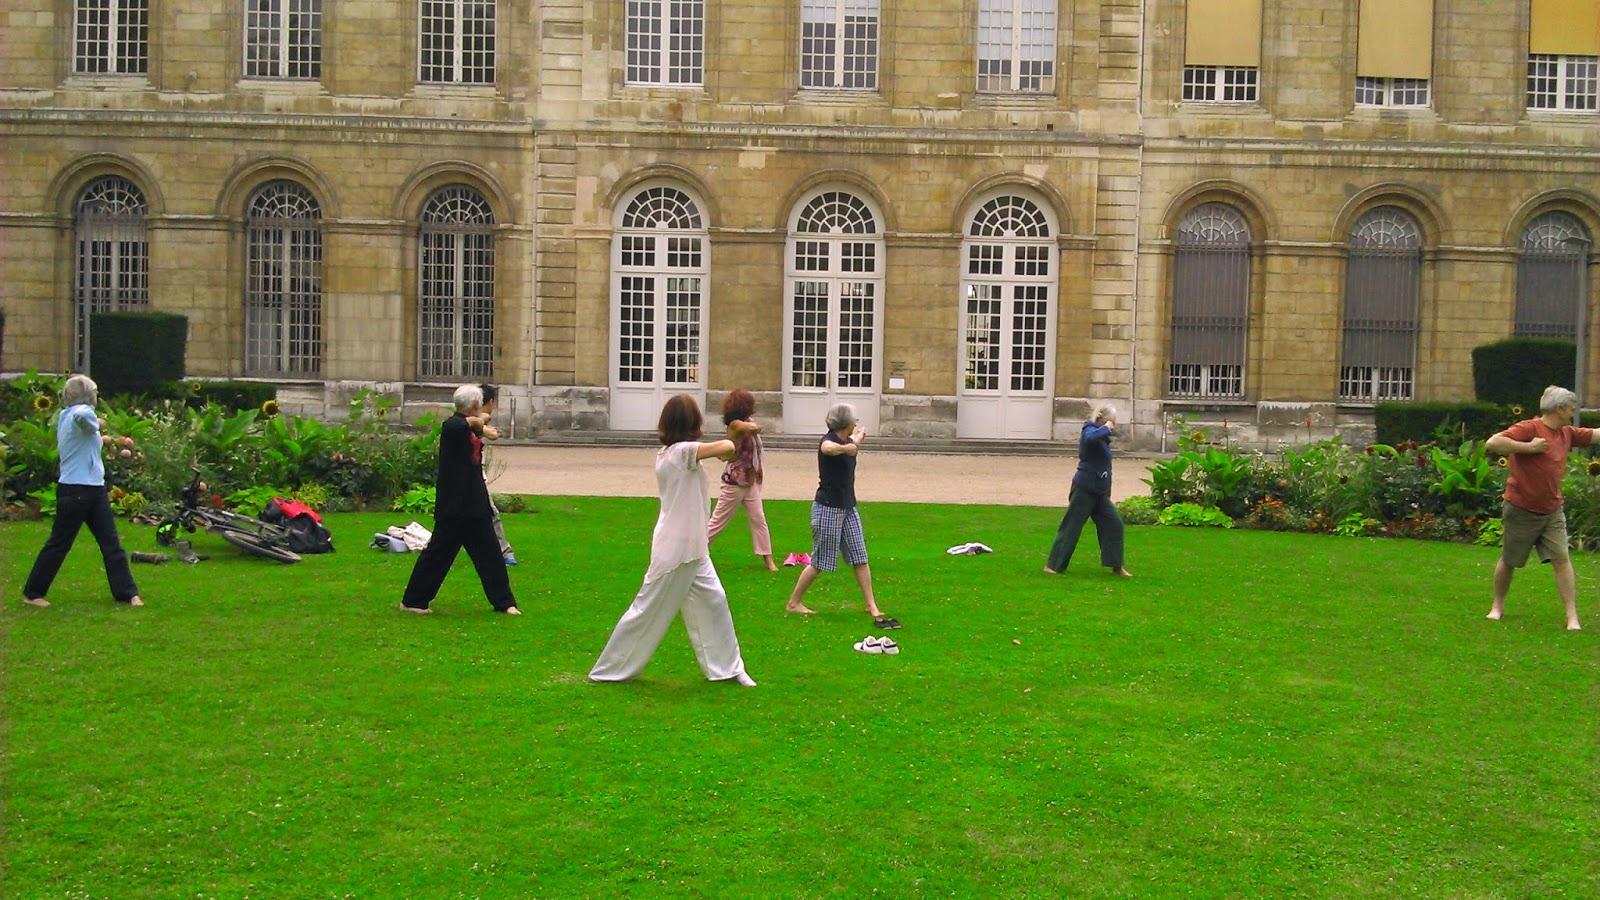 Entraînement Qi gong Jardin de l'Hôtel de ville Rouen